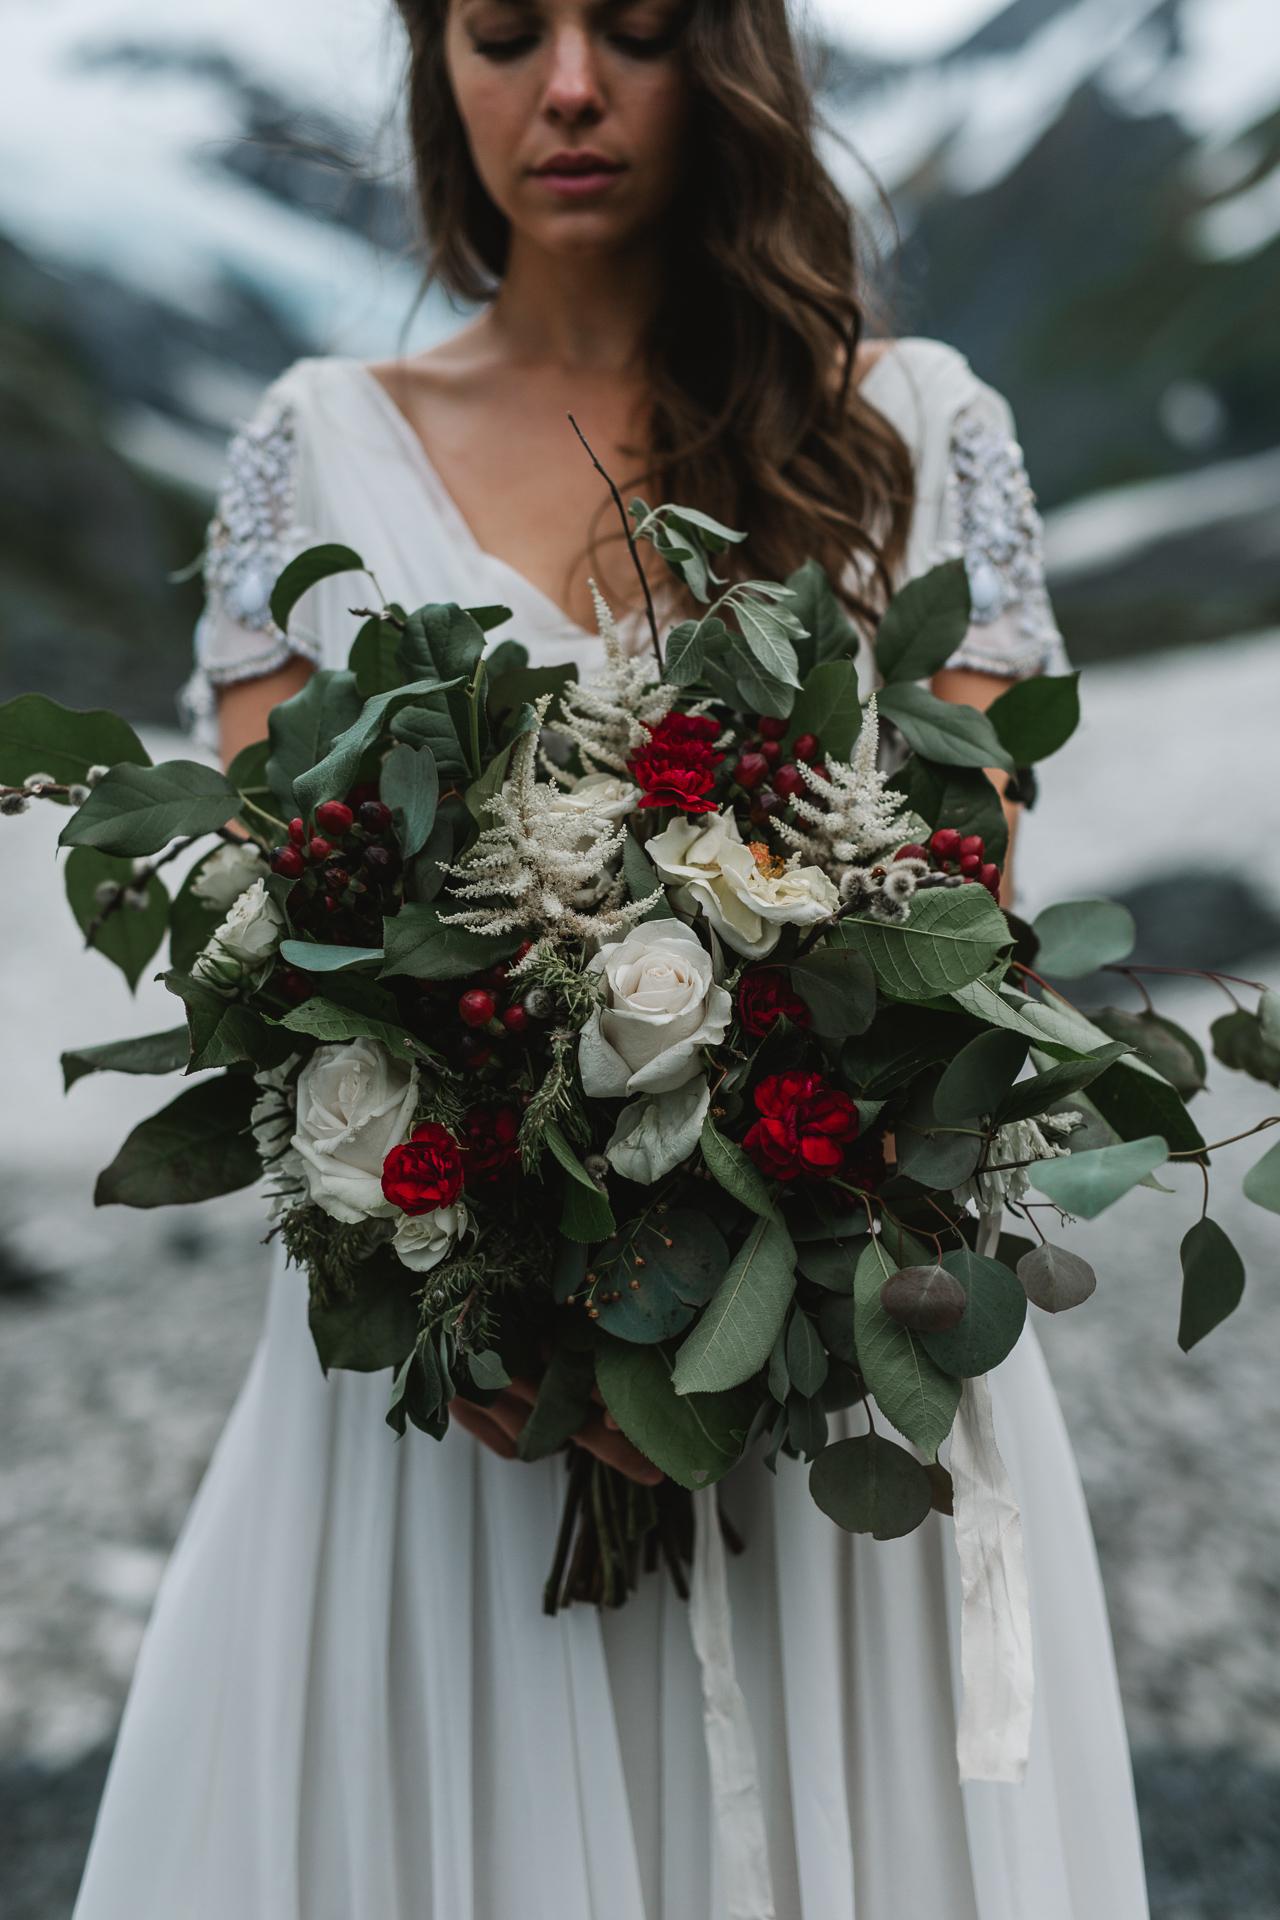 jess-hunter-photographer-alaska-destination-elopement-6332.jpg